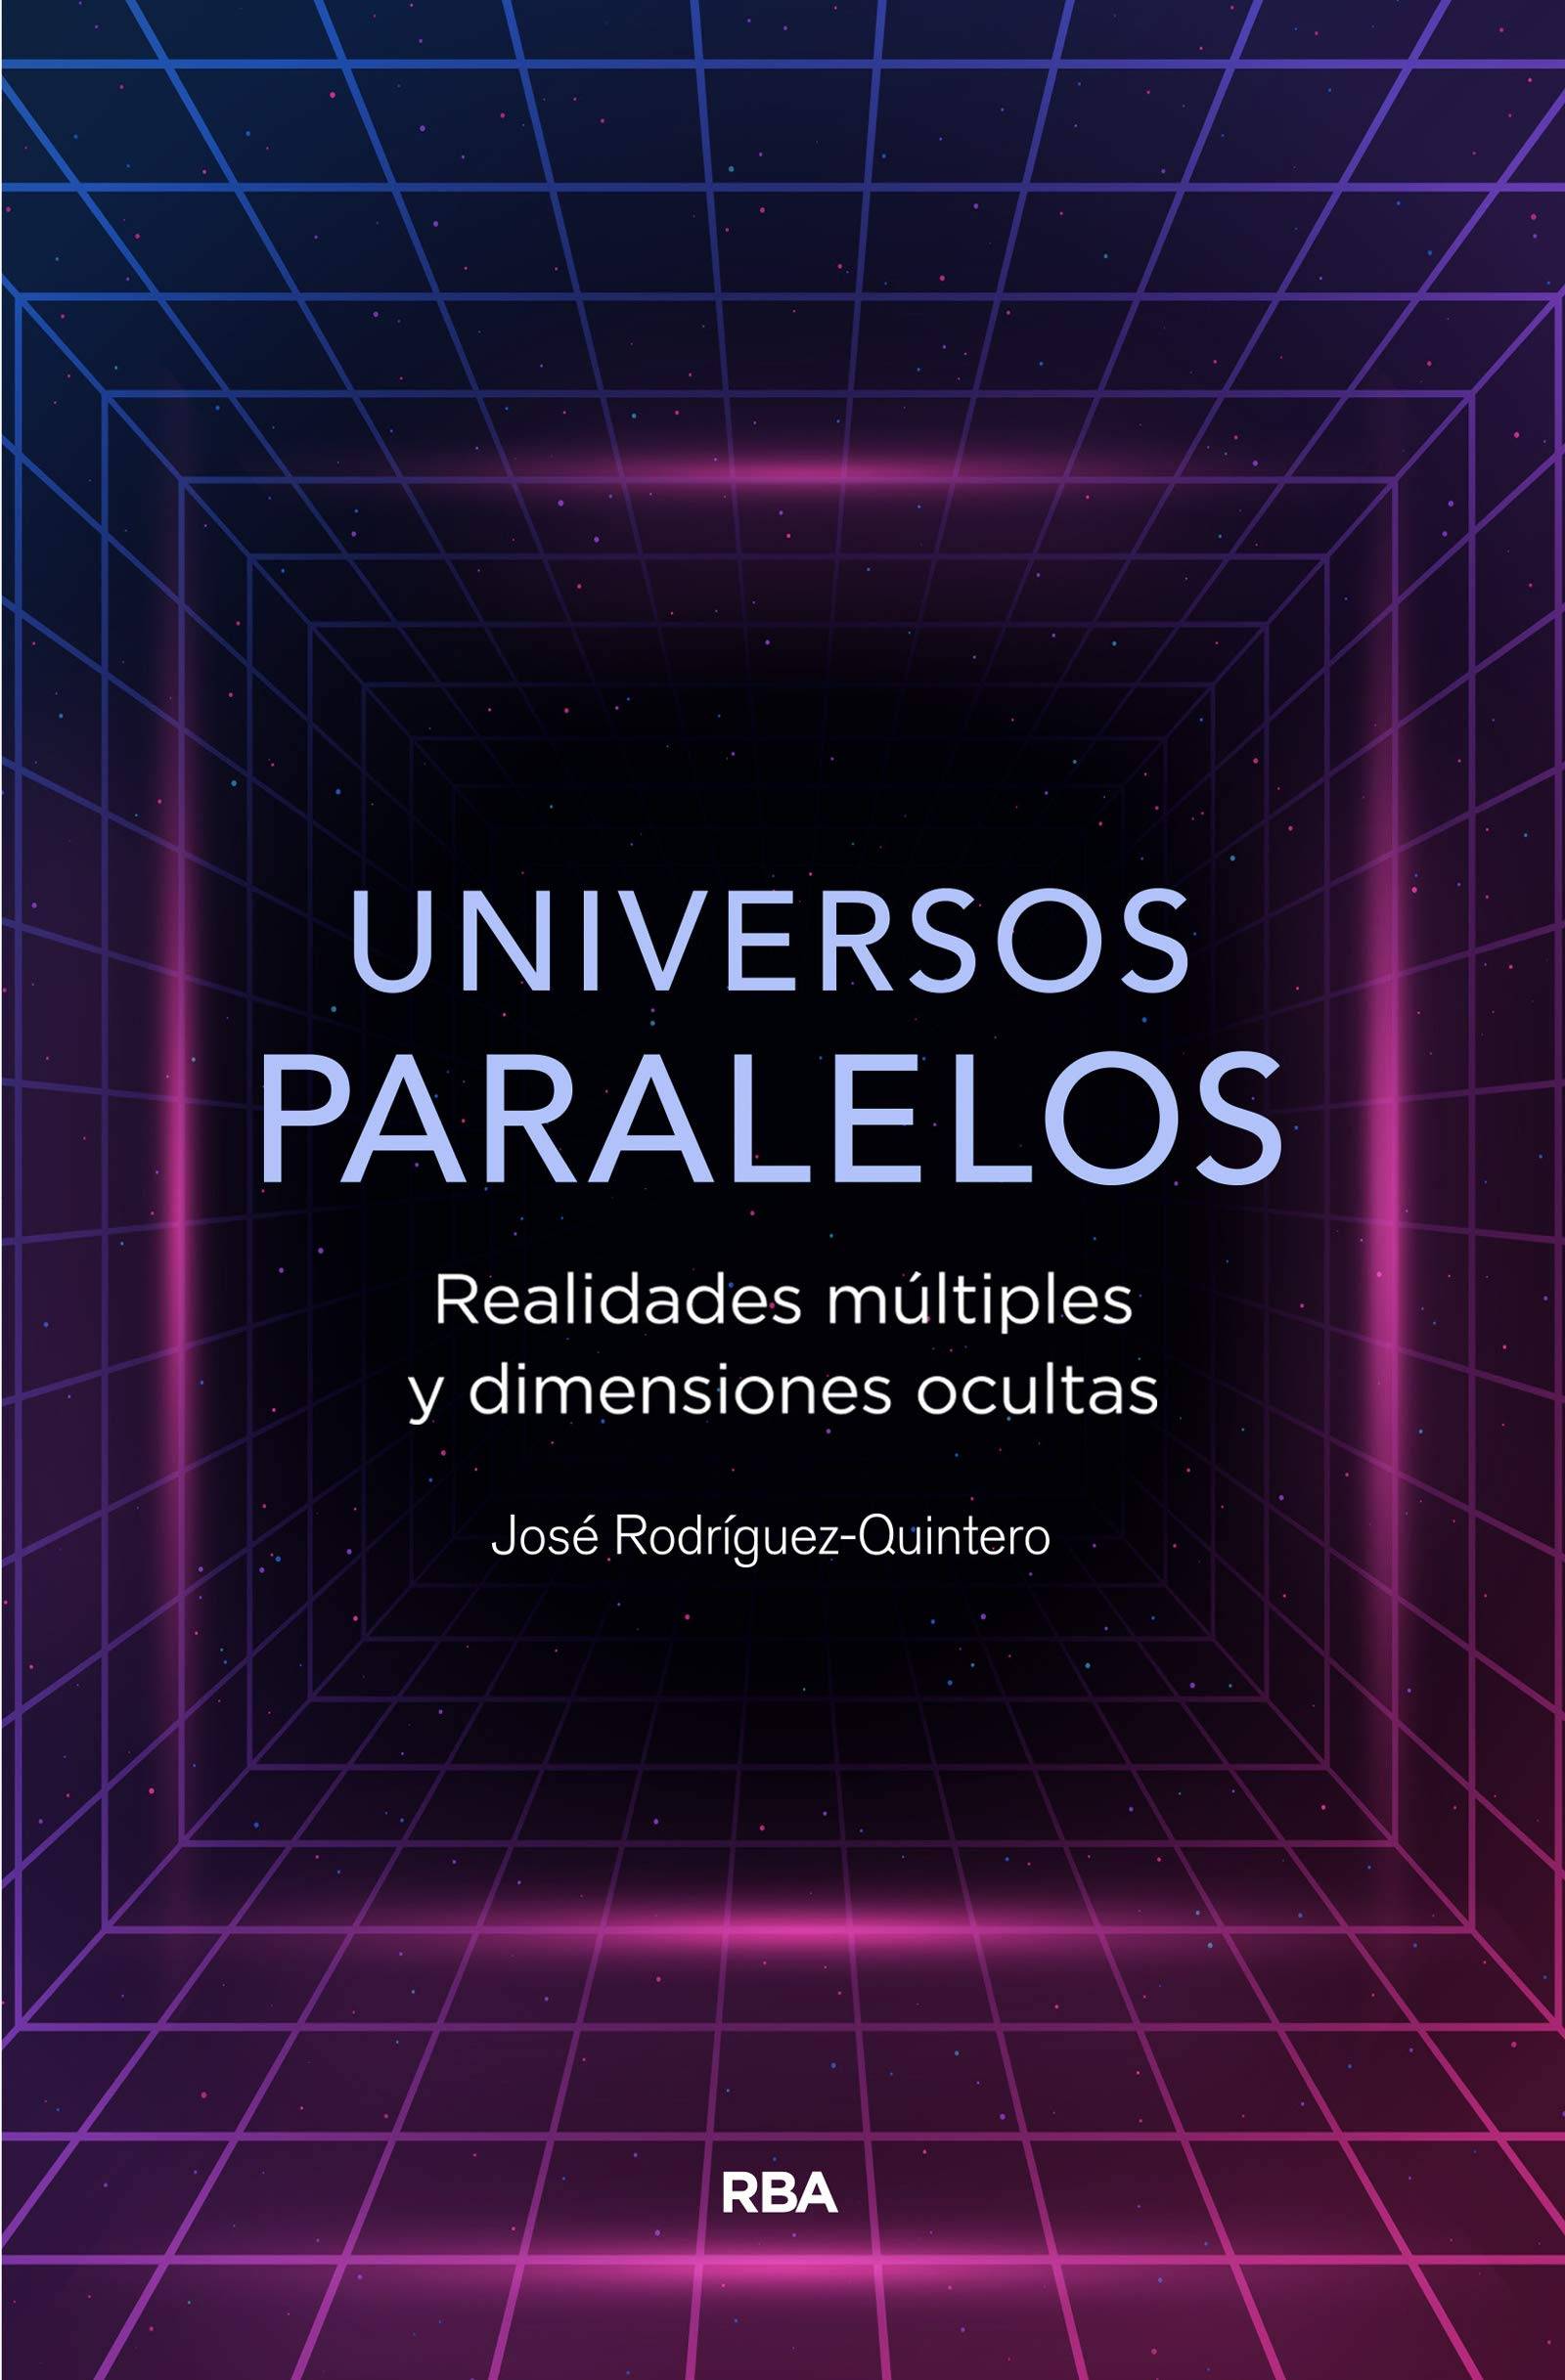 Universos paralelos (DIVULGACIÓN)